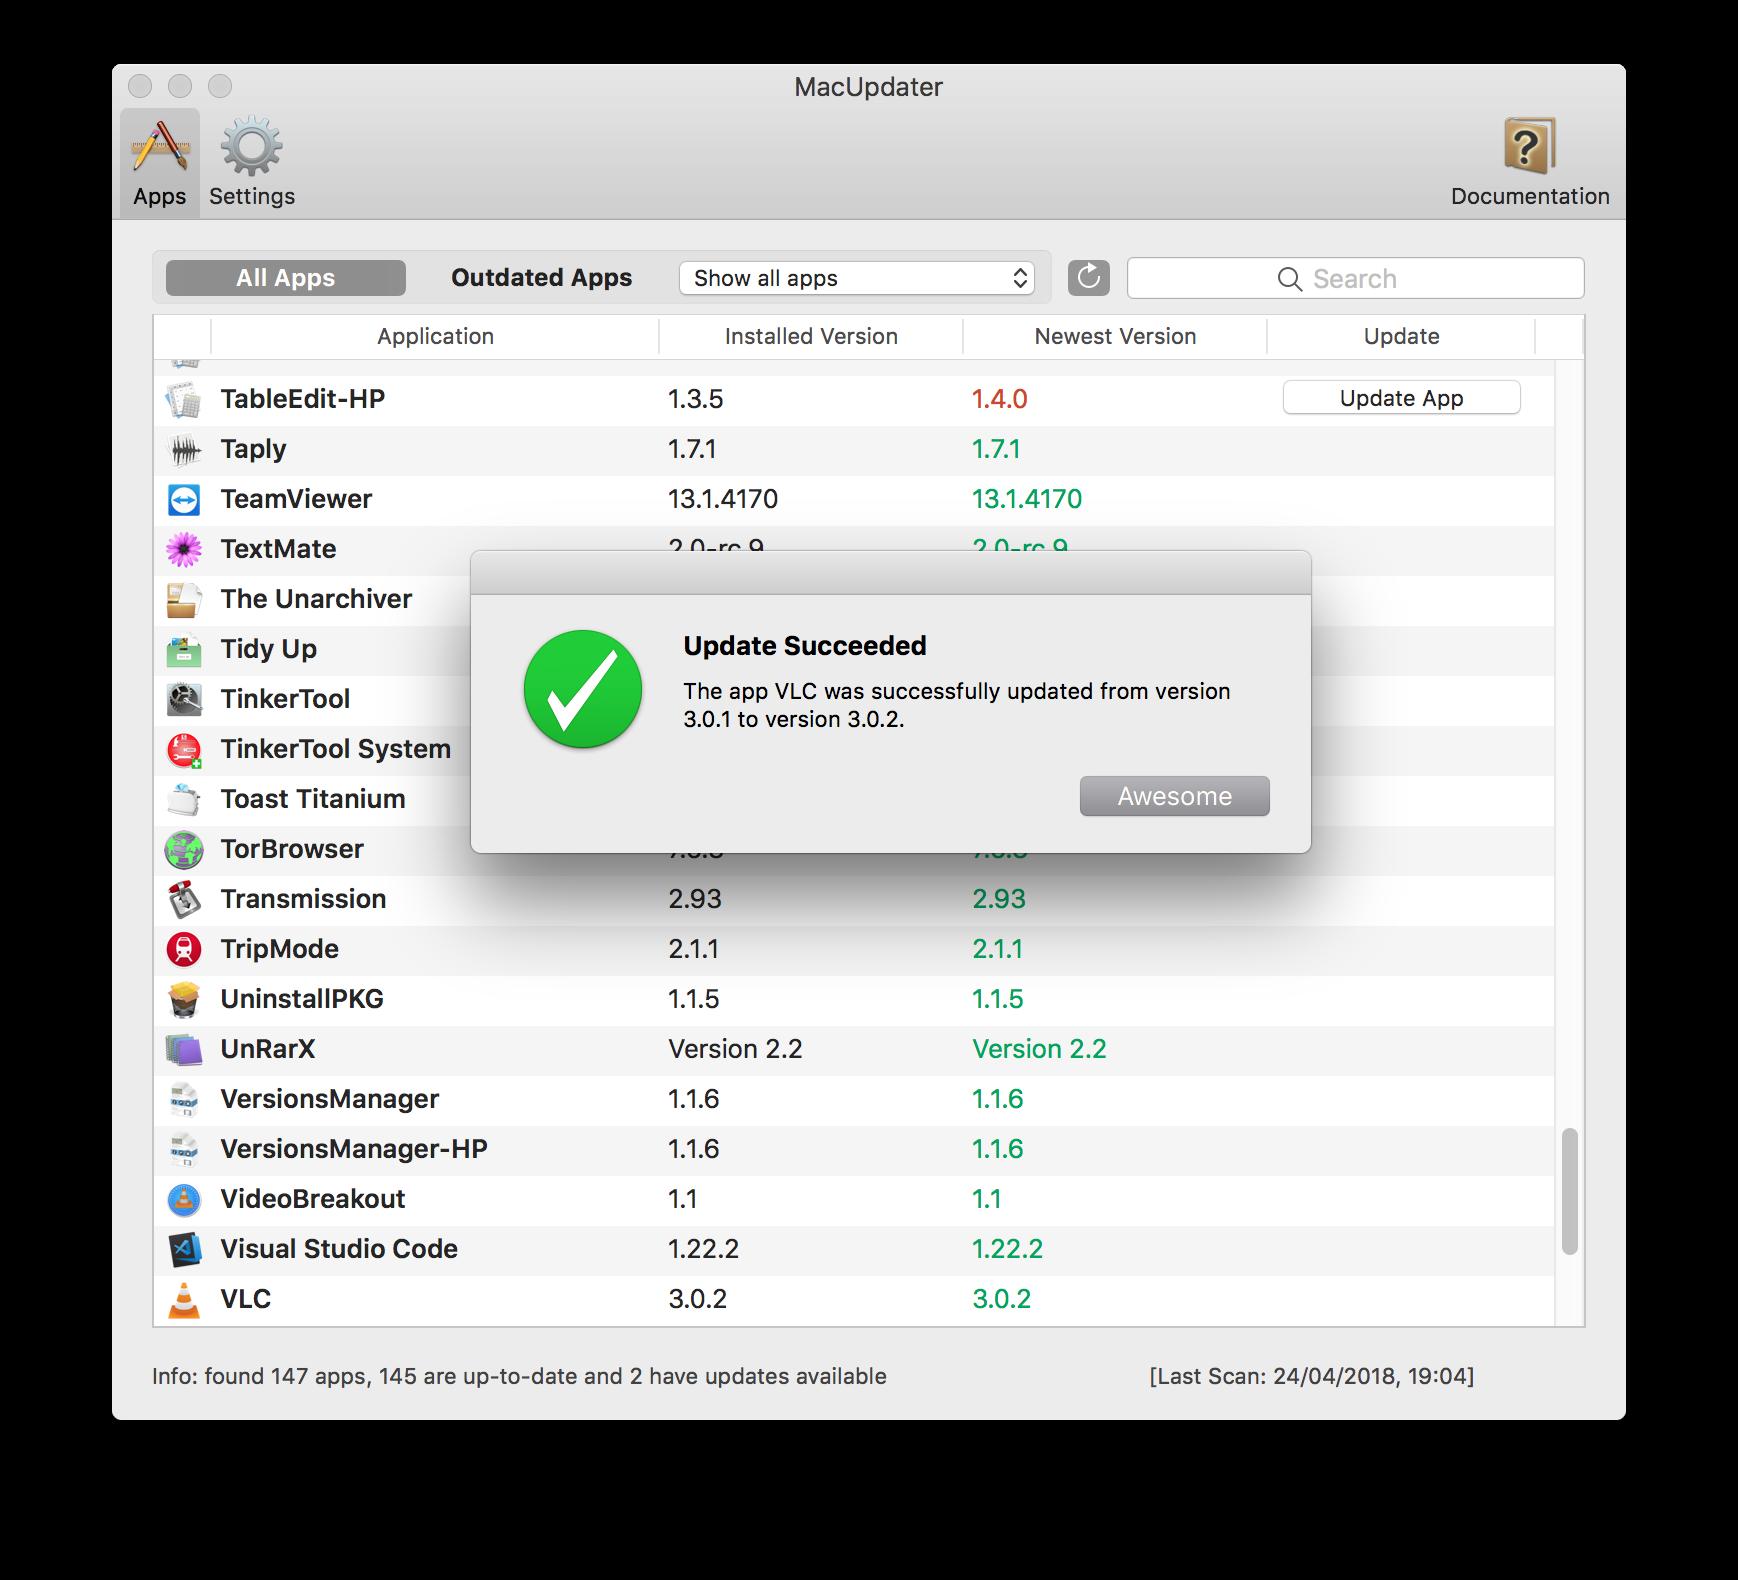 MacUpdater MacUpdater 1.3.1   自动跟踪Mac应用最新更新 Mac应用 MacUpdater